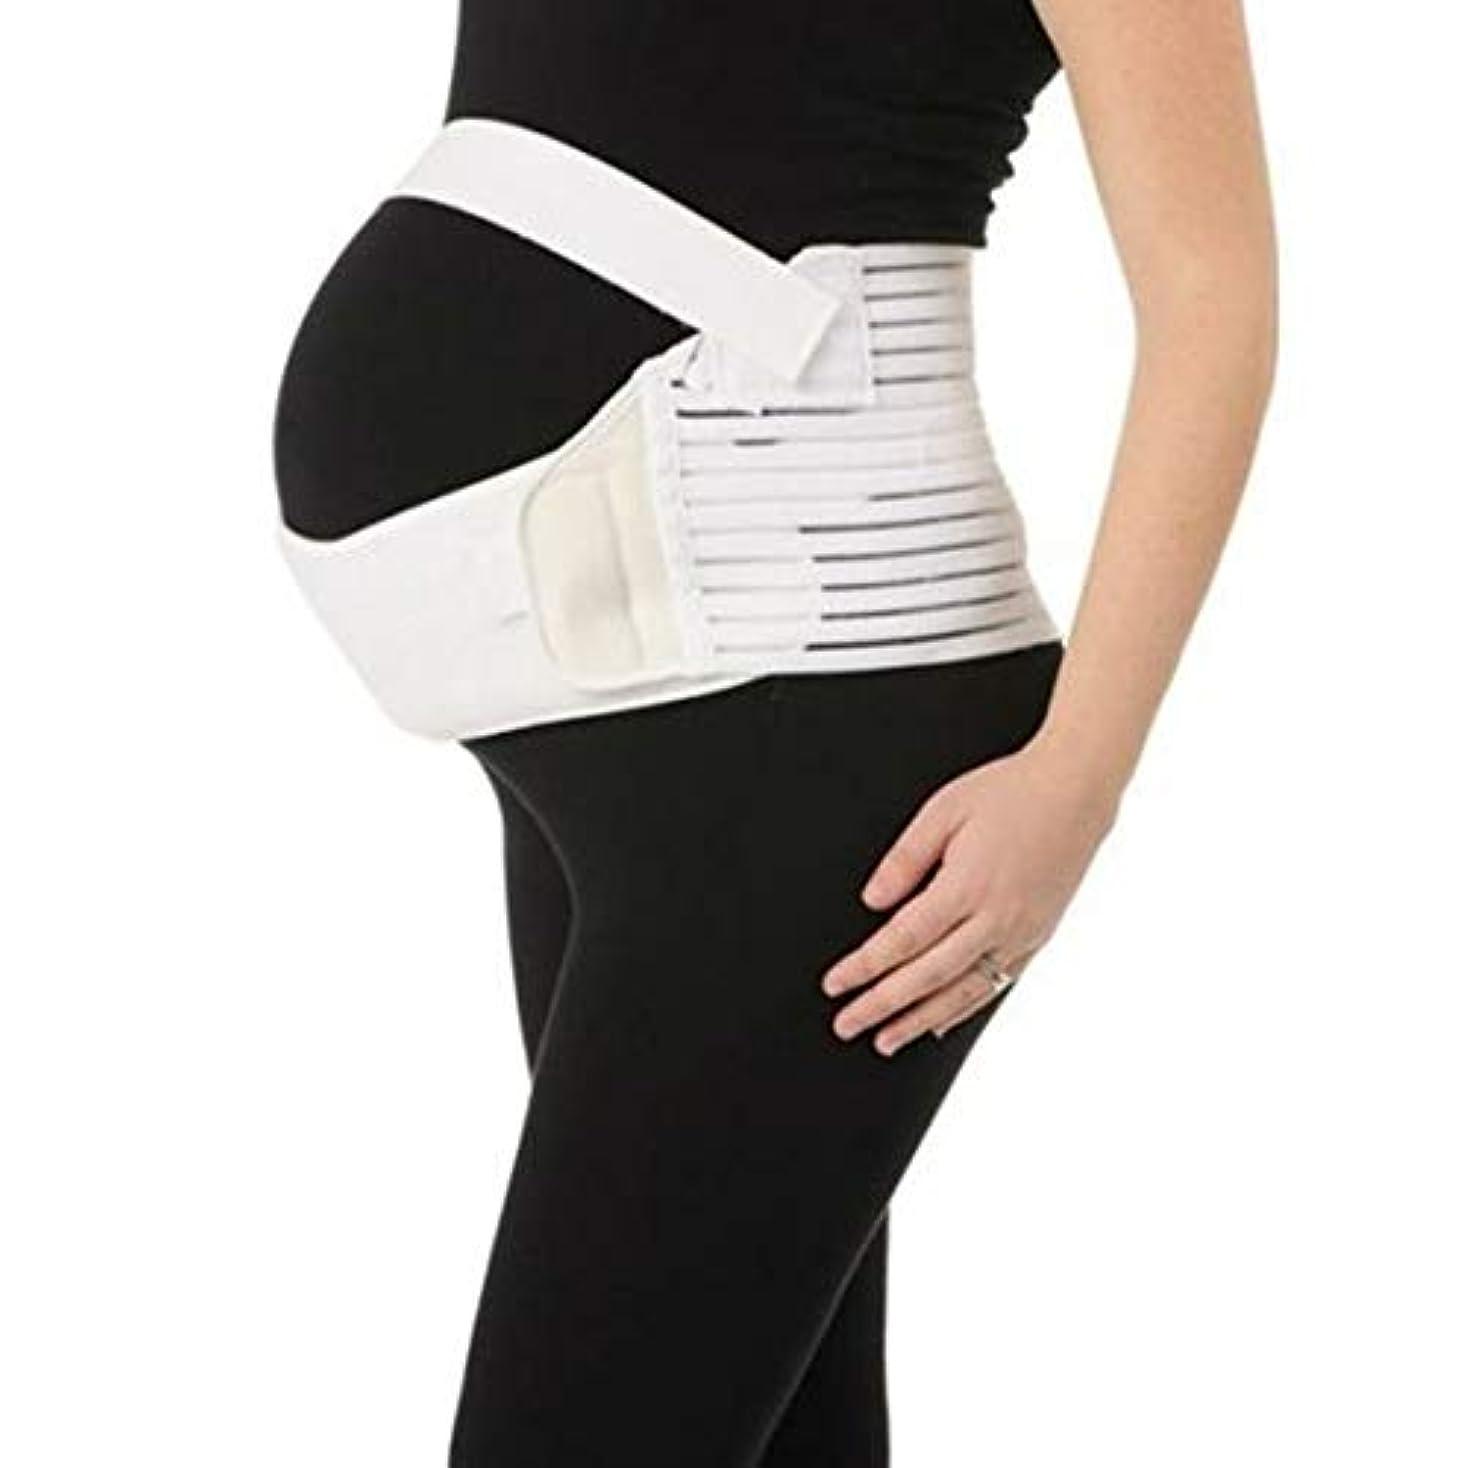 貫通するカウンターパート早める通気性産科ベルト妊娠腹部サポート腹部バインダーガードル運動包帯産後の回復形状ウェア - ホワイトM